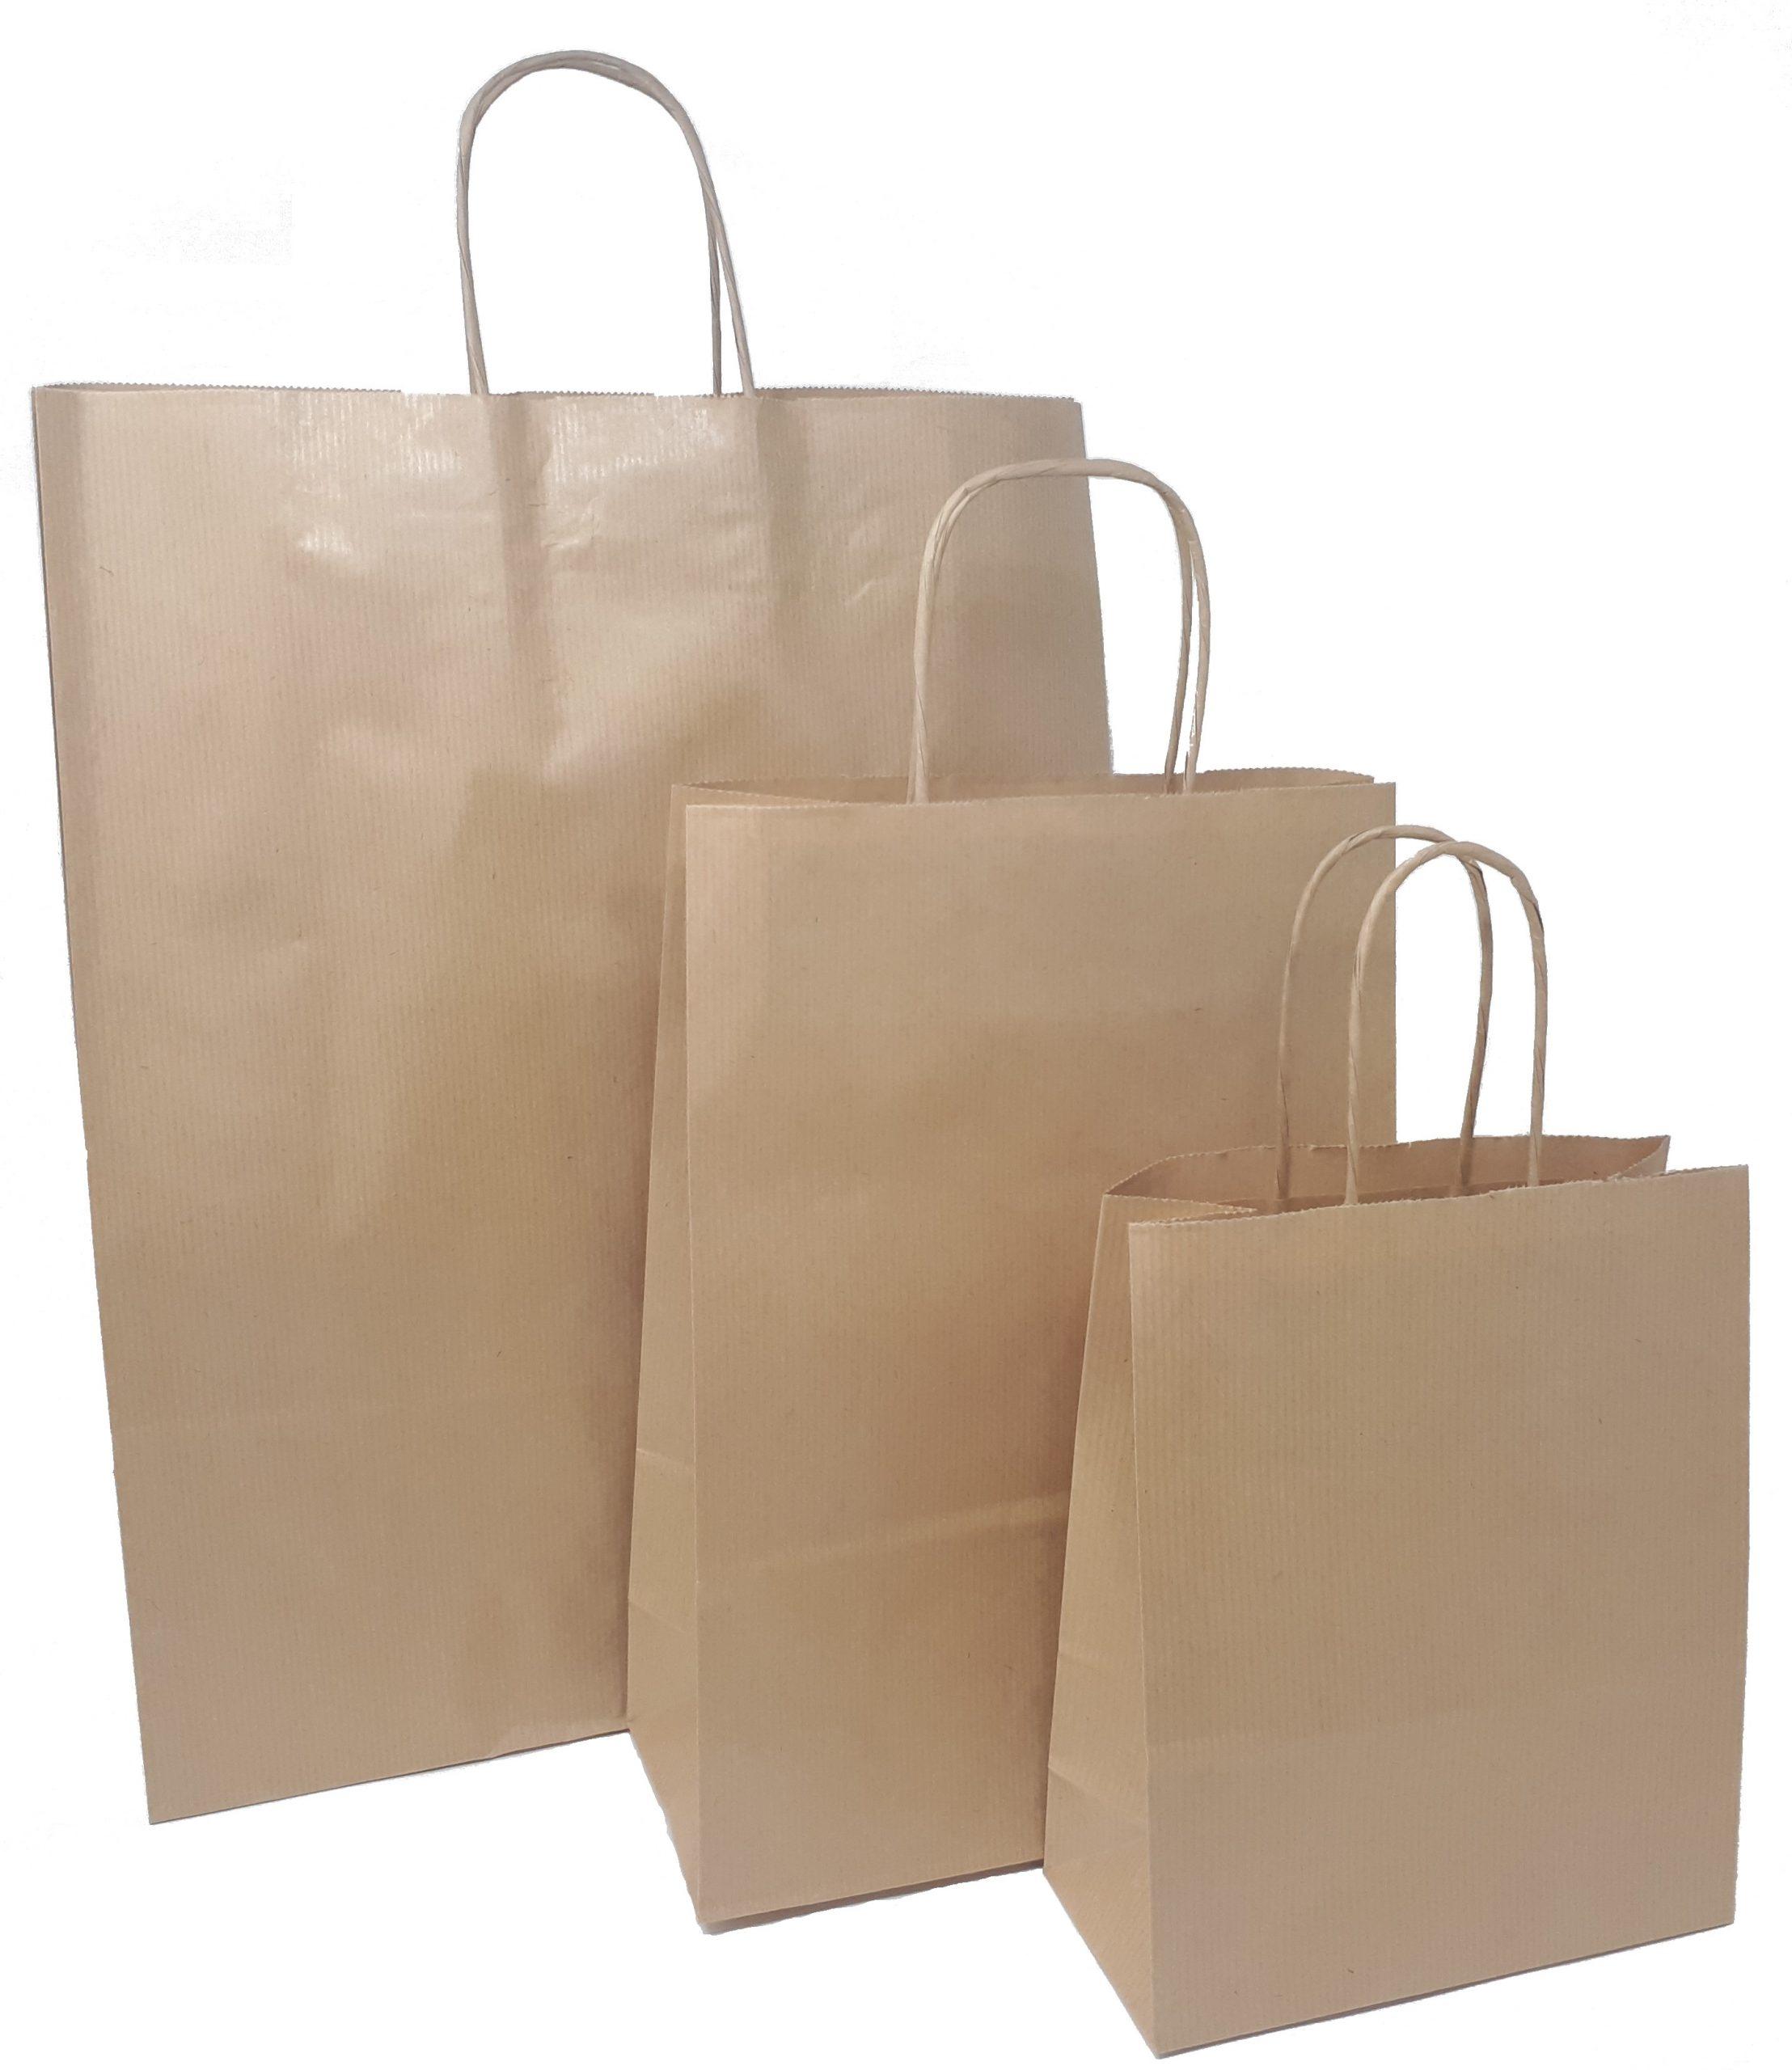 Papiertragetaschen braun mit Kordelhenkel